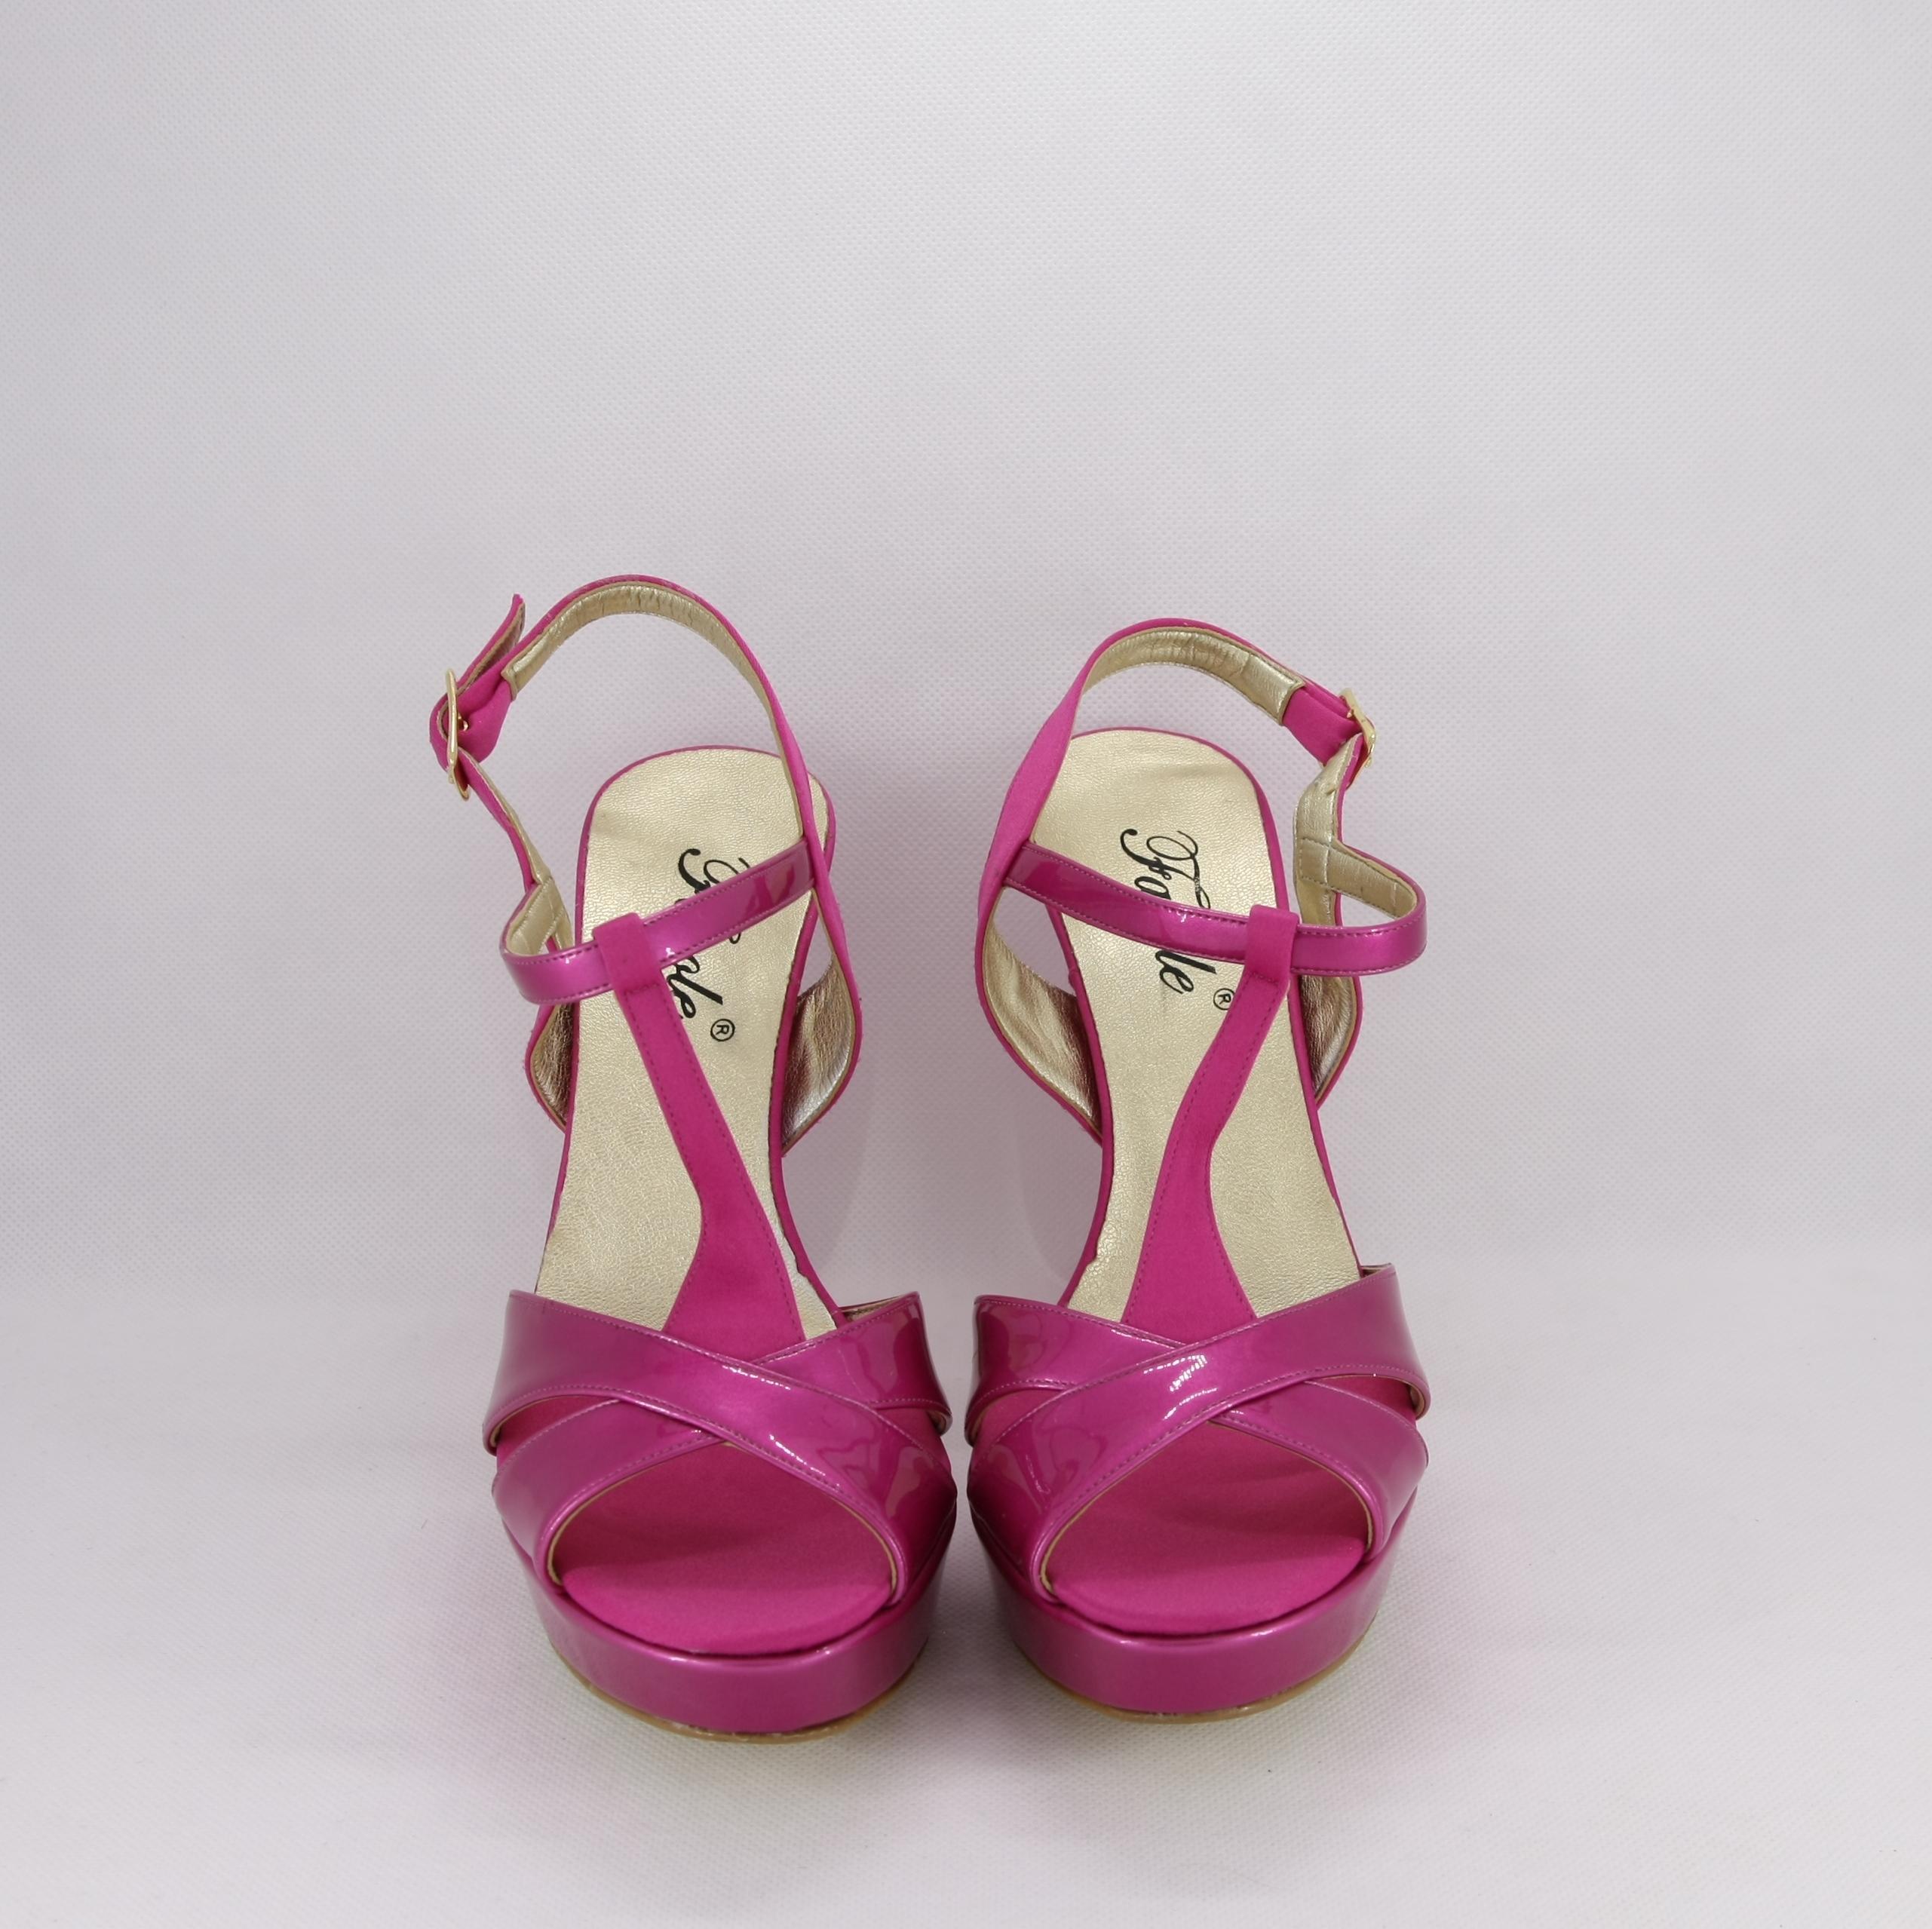 Sandalo donna elegante da cerimonia in tessuto di raso e vernice fuxia con cinghietta regolabile  Art. A574 Gi.Effe Ci.